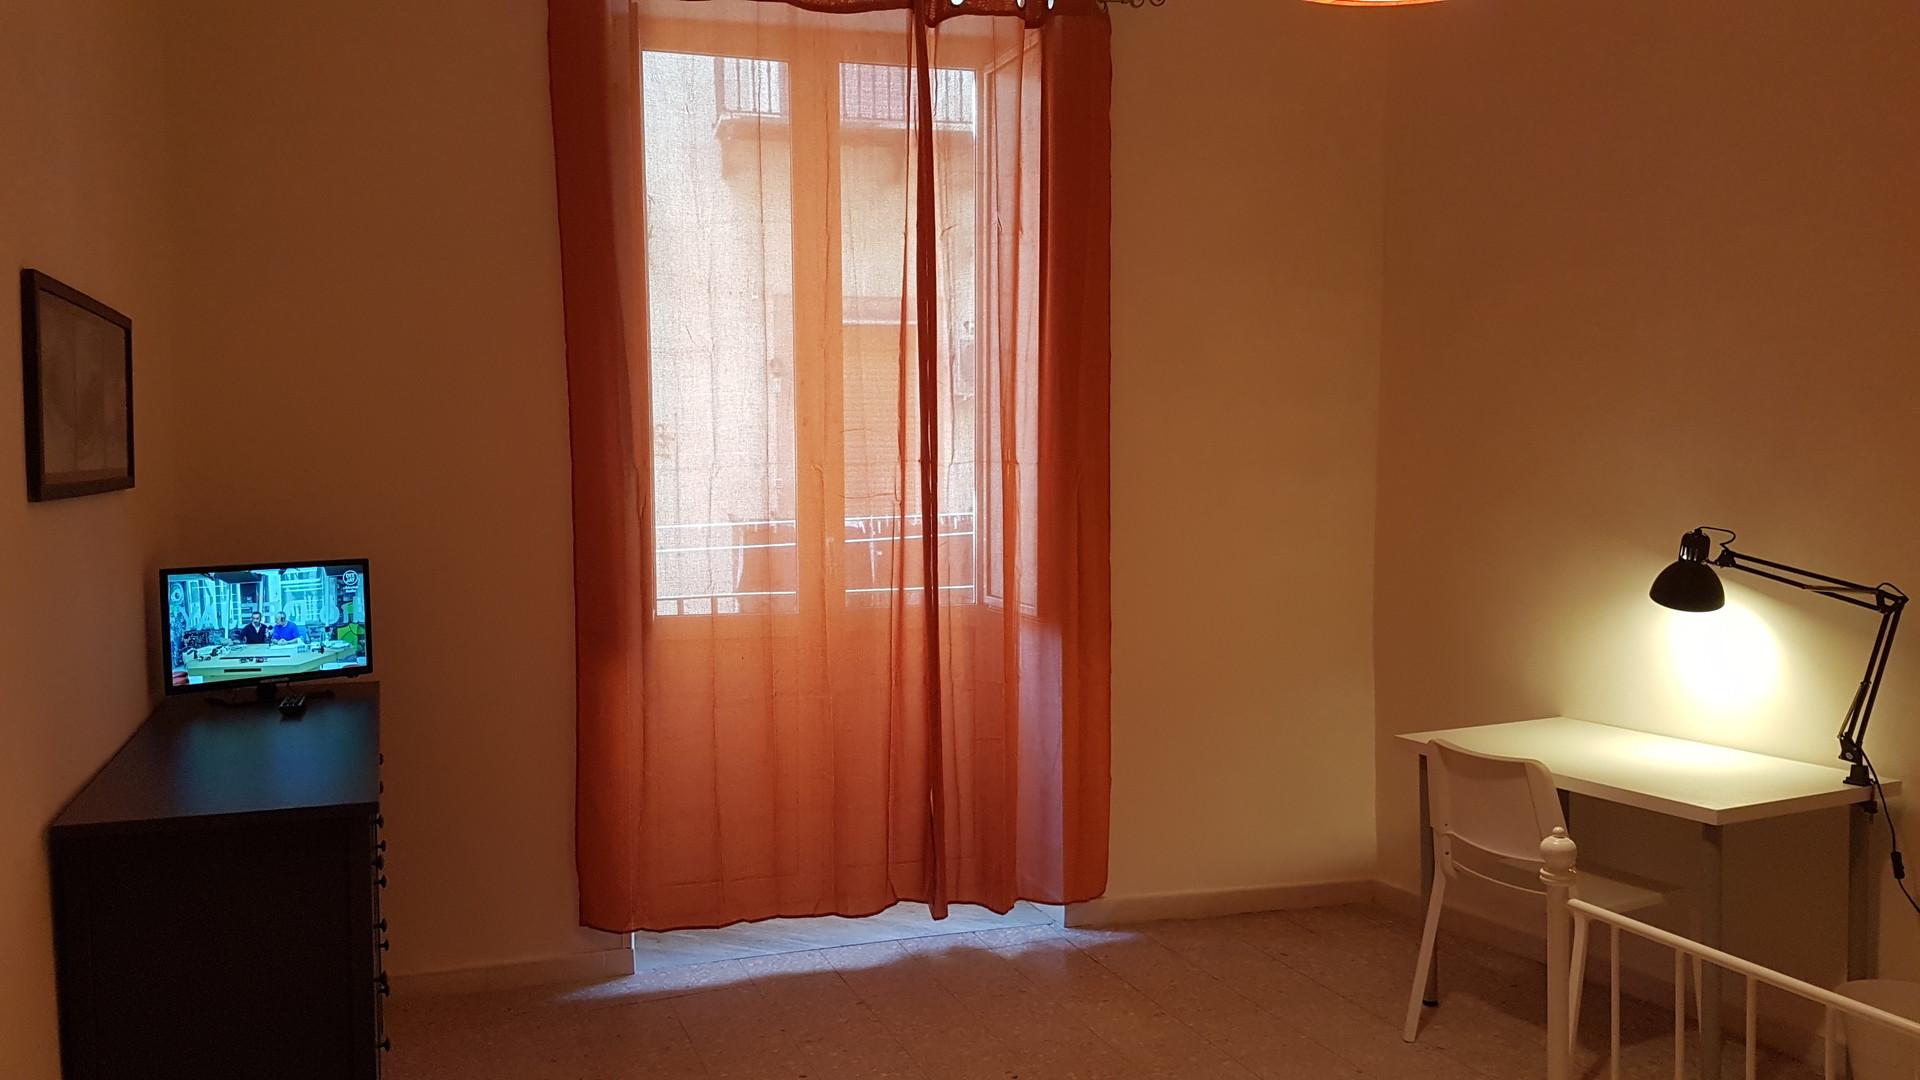 Stanza con tv , balcone, finestra libreria e divano | Stanze in ...